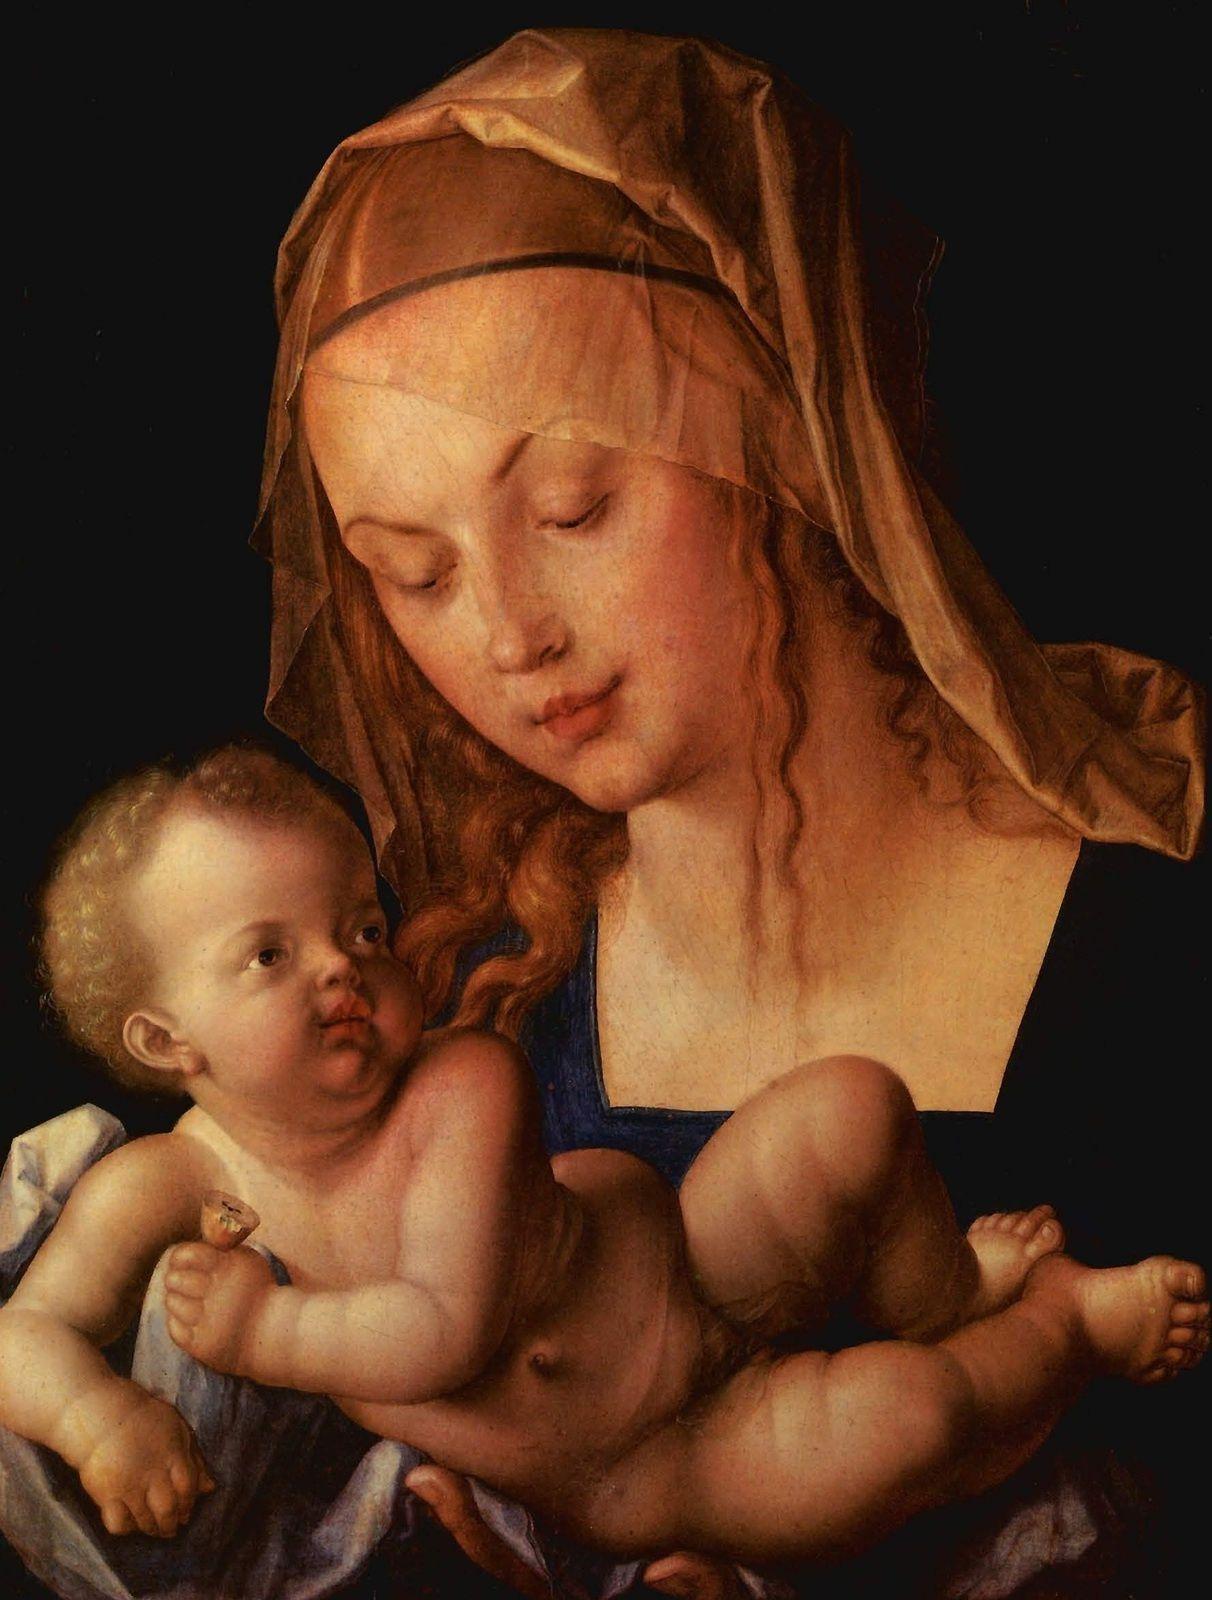 DYADE (toujours nécessaire, impériale, sécure!) / Vierge à l'enfant, Durer Albrecht